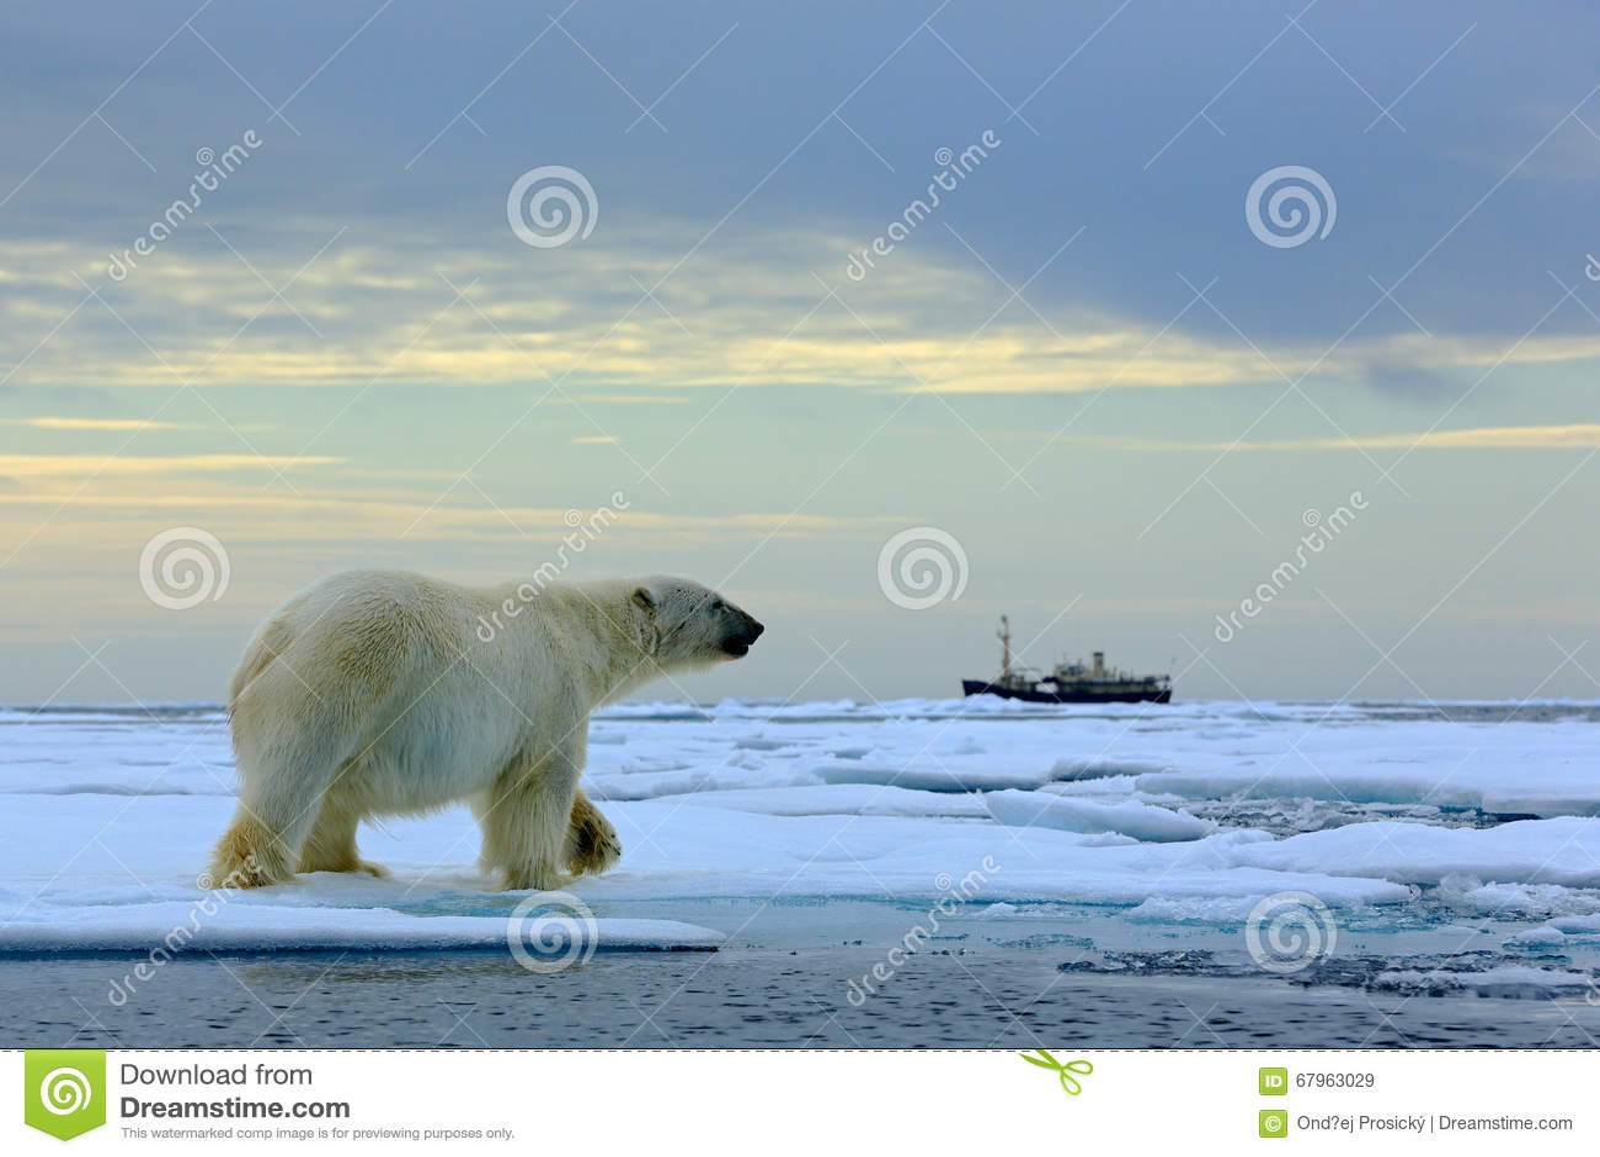 Isbjörn på drivaisen med snö, suddig kryssningskyttel i bakgrund, Svalbard, Norge